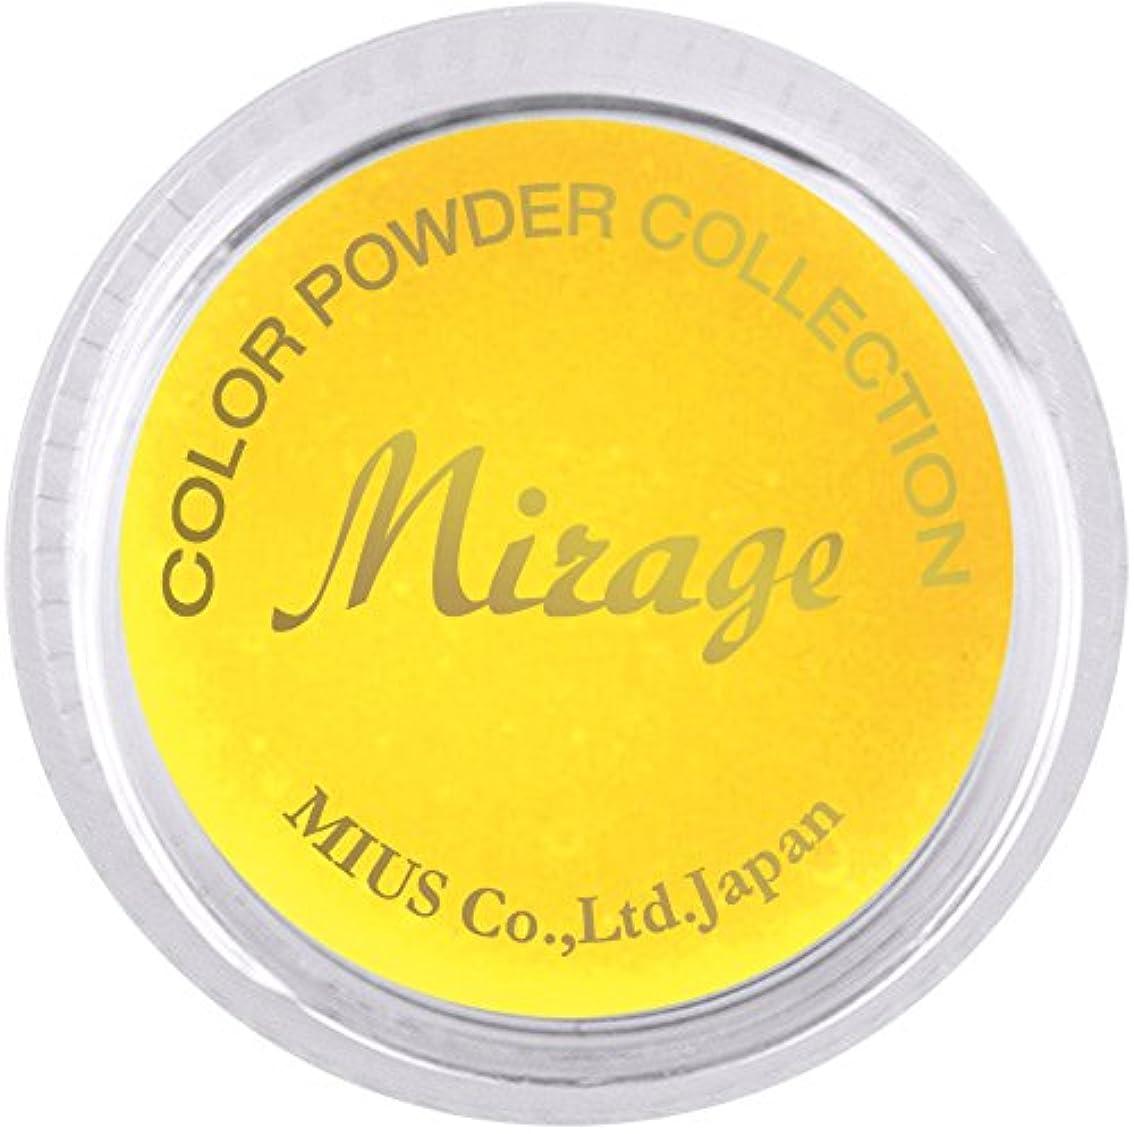 祭りチャペル気体のミラージュ カラーパウダー N/CPS-1  7g  アクリルパウダー 色鮮やかな蛍光スタンダードカラー